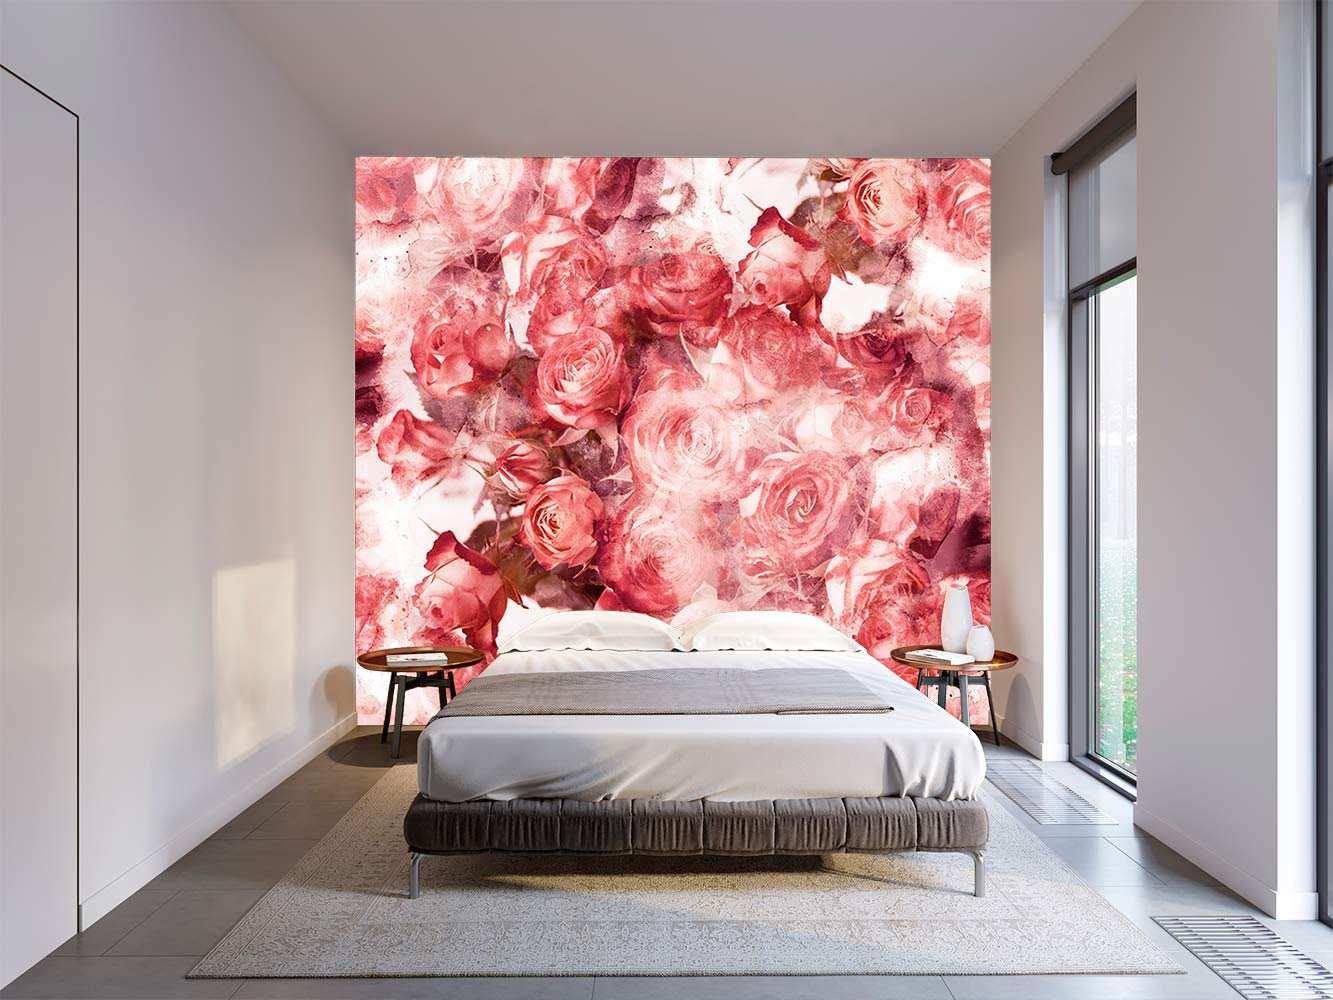 Fotomural Vinilo Floral Rosas Rojas | Carteles XXL - Impresión carteleria publicitaria